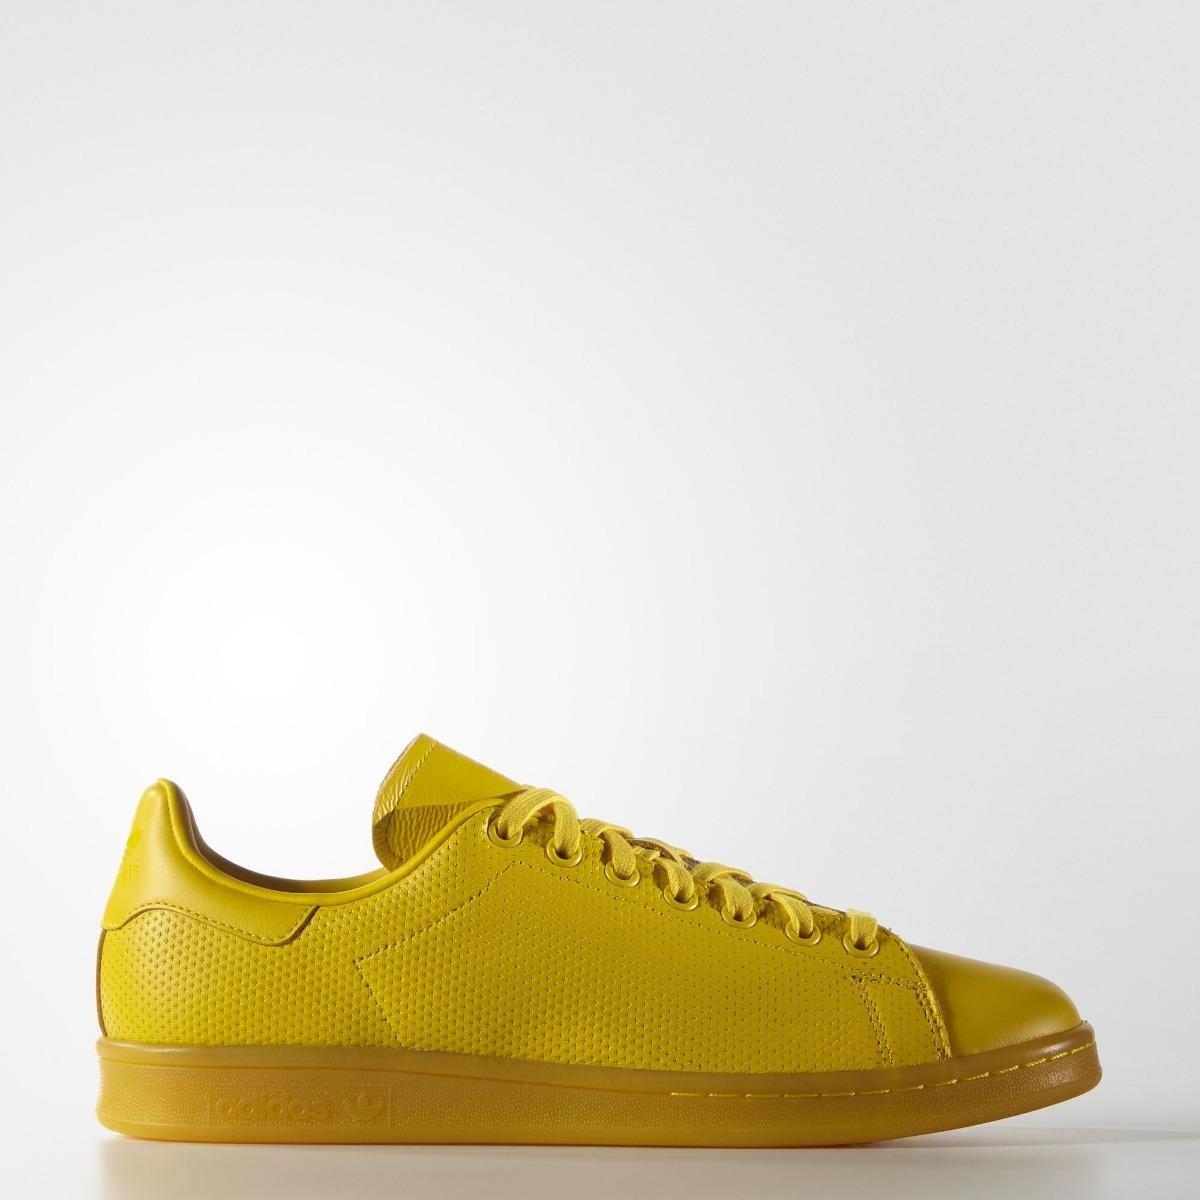 bbd4416c15b tenis hombre adidas stan smith adicolor amarillos 29.5cm. Cargando zoom.